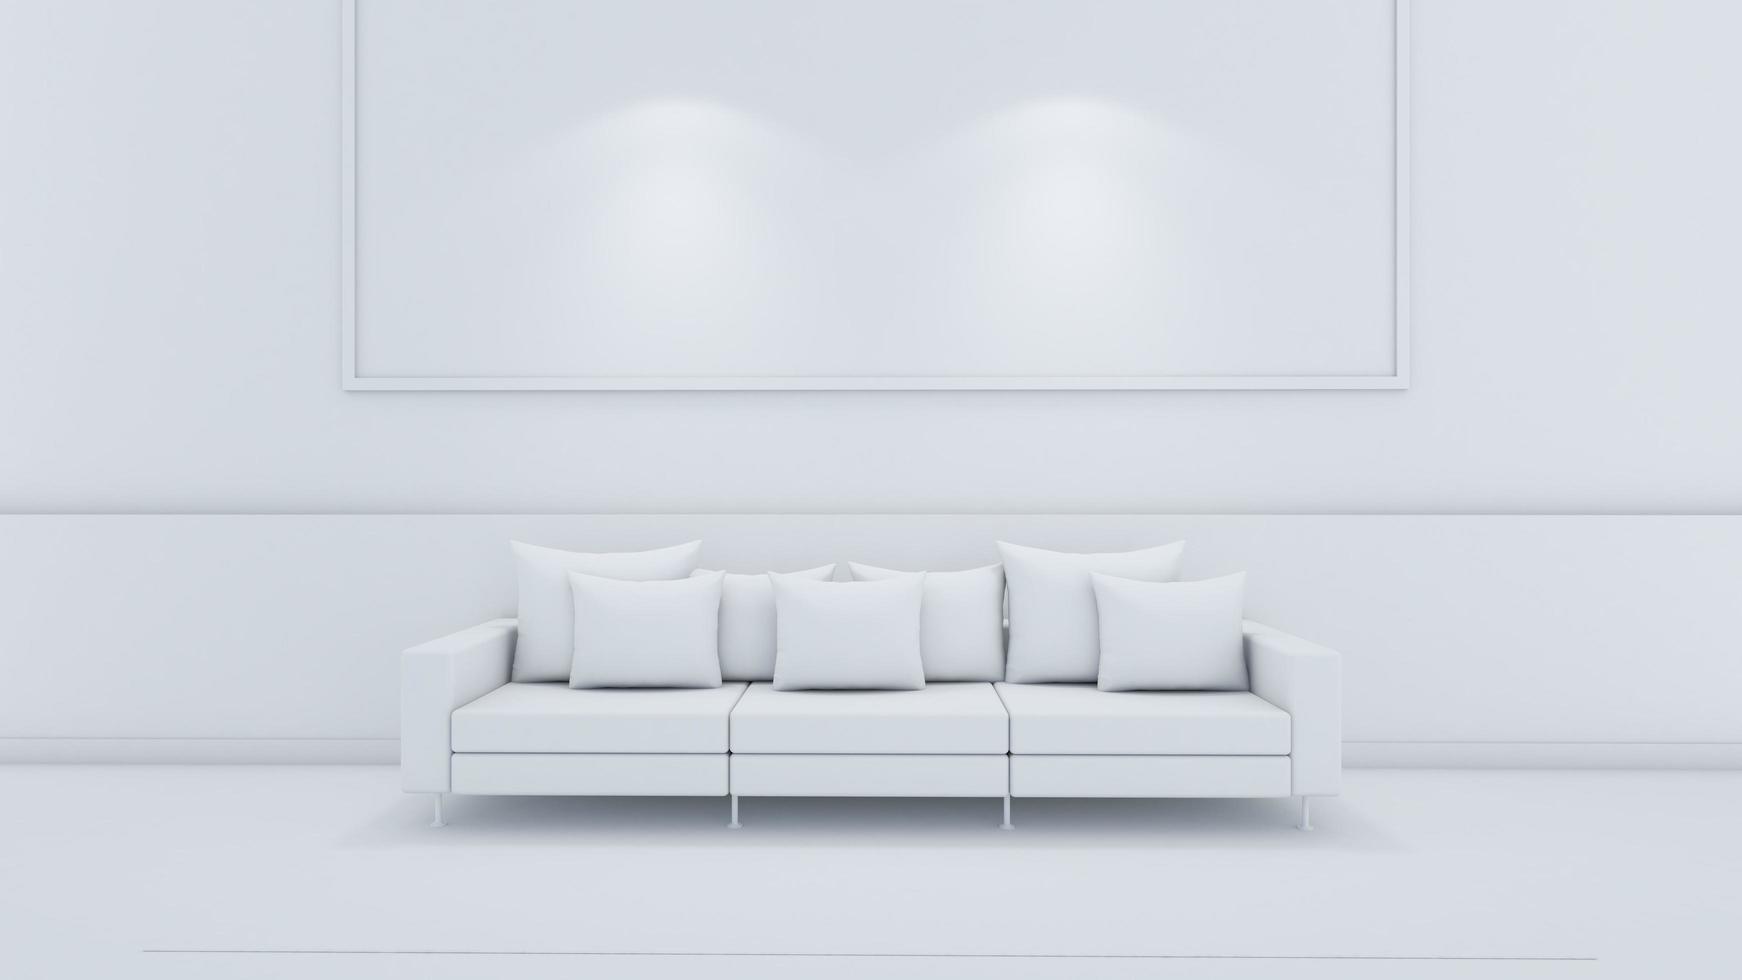 Rendu 3D du design d'intérieur de salon photo